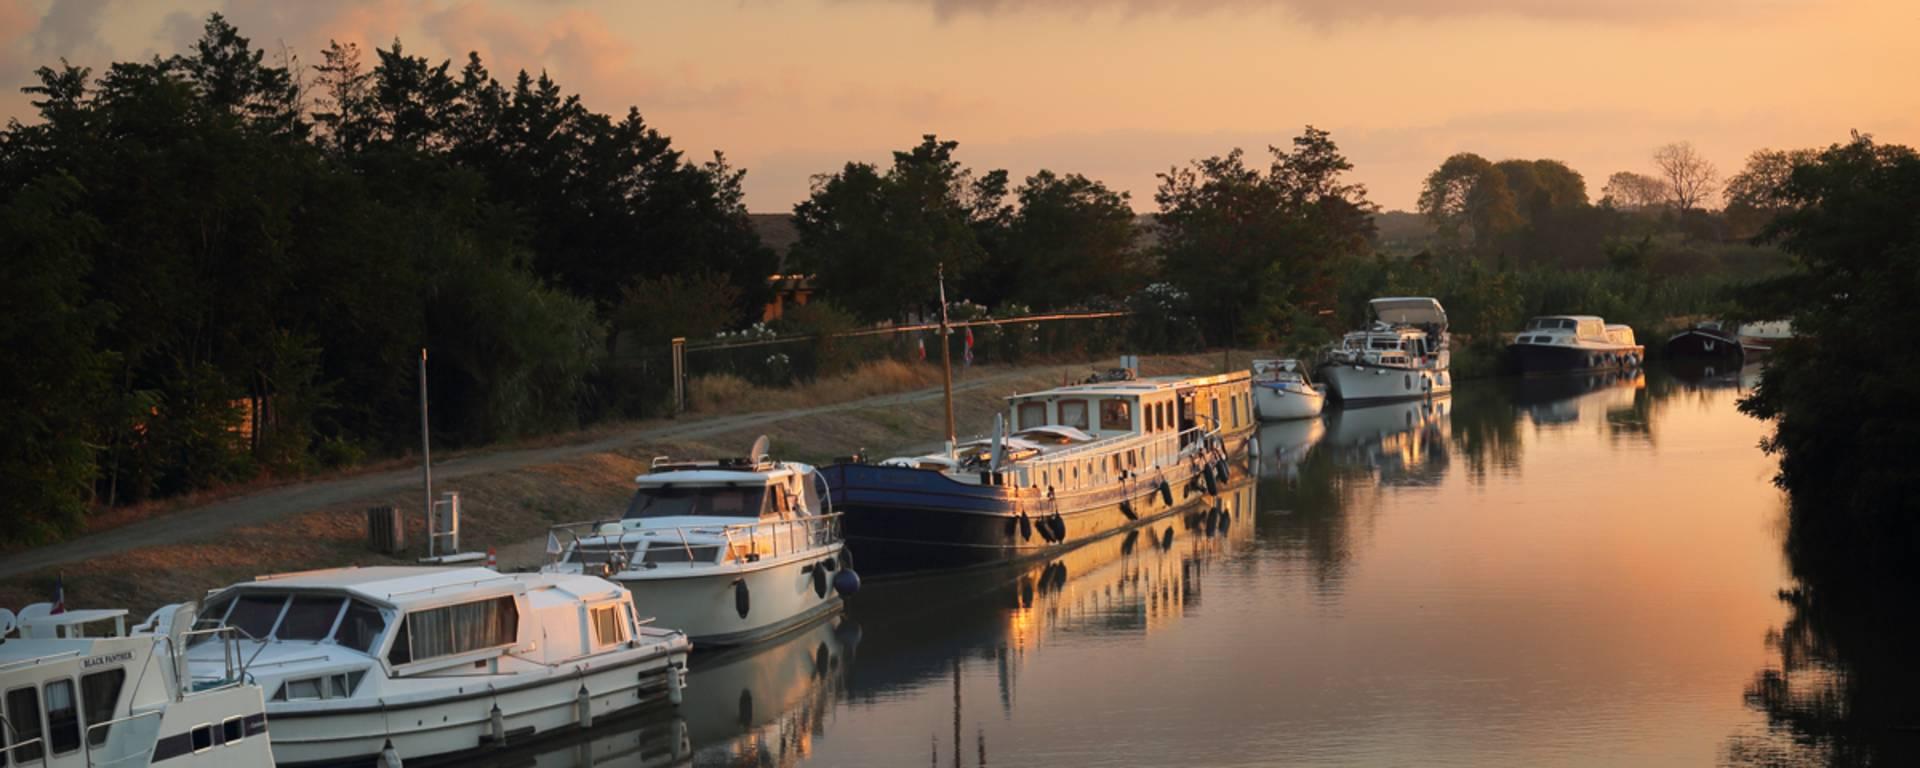 Soirée d'été sur le canal du Midi ©G. Souche